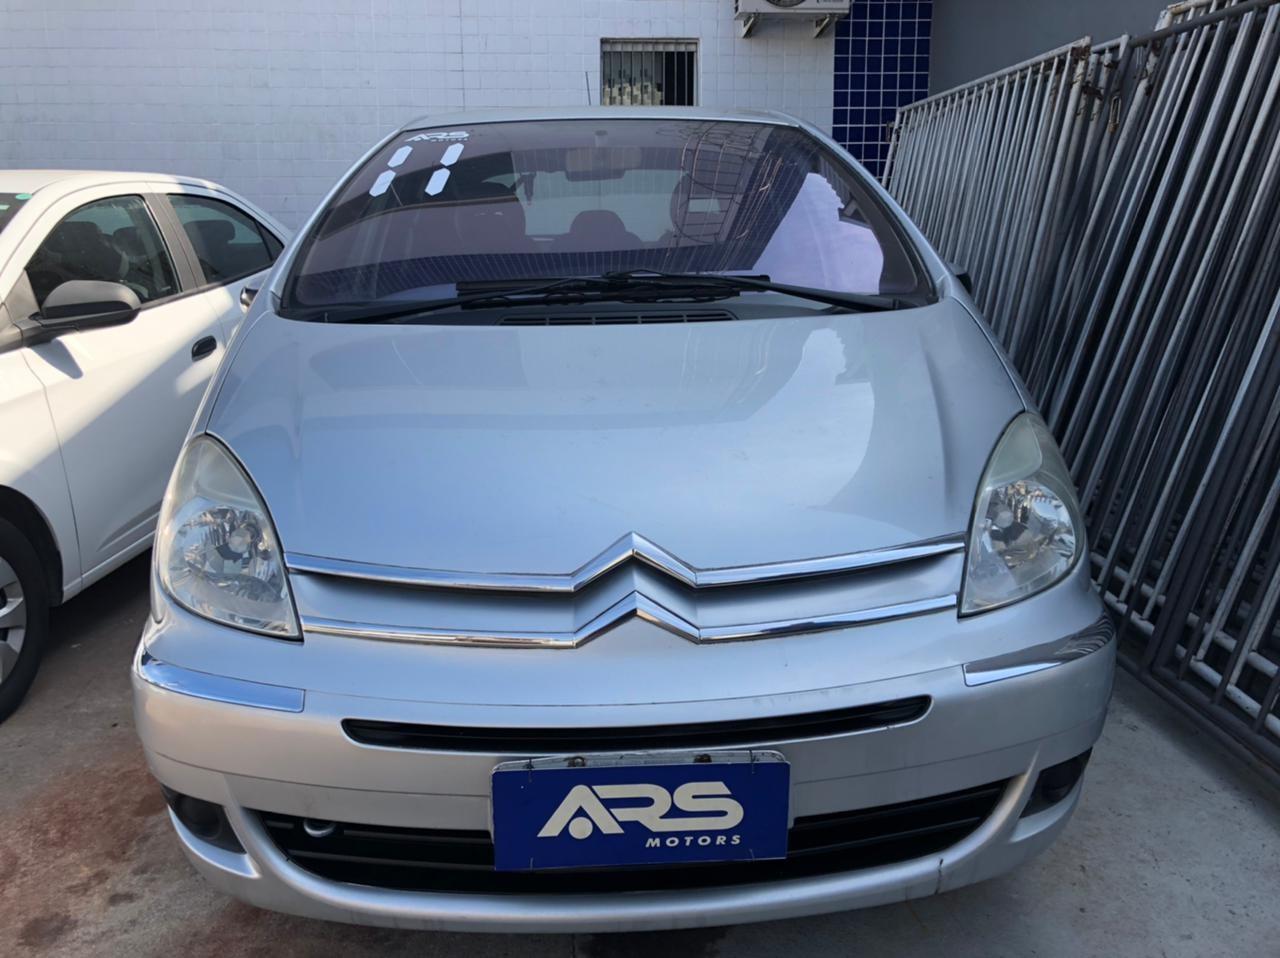 //www.autoline.com.br/carro/citroen/xsara-picasso-16-exclusive-16v-flex-4p-manual/2011/rio-de-janeiro-rj/14626773